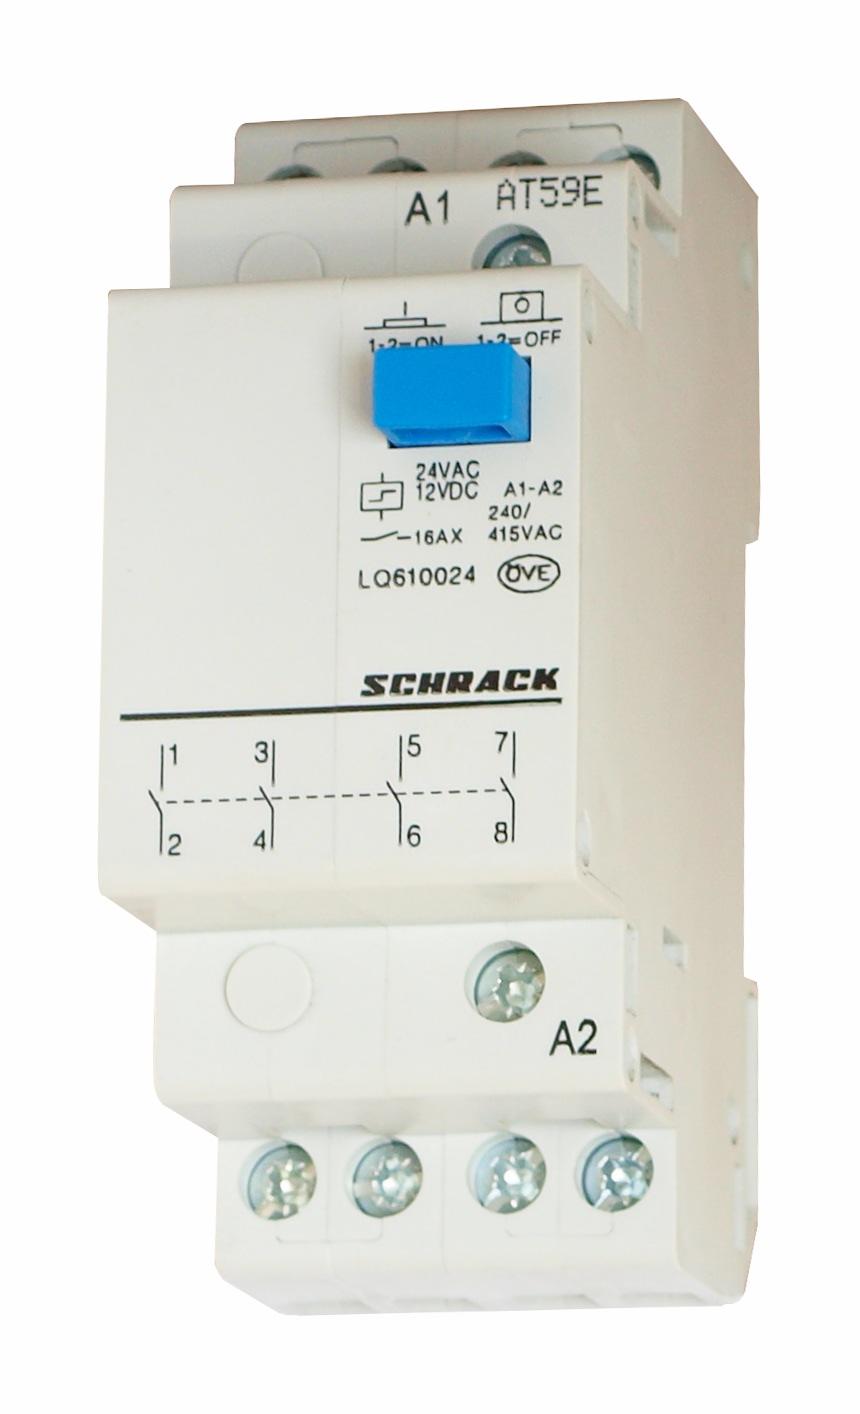 1 Stk Reiheneinbau Fernschalter, 4 Schließer, 24VAC/12VDC LQ610024--